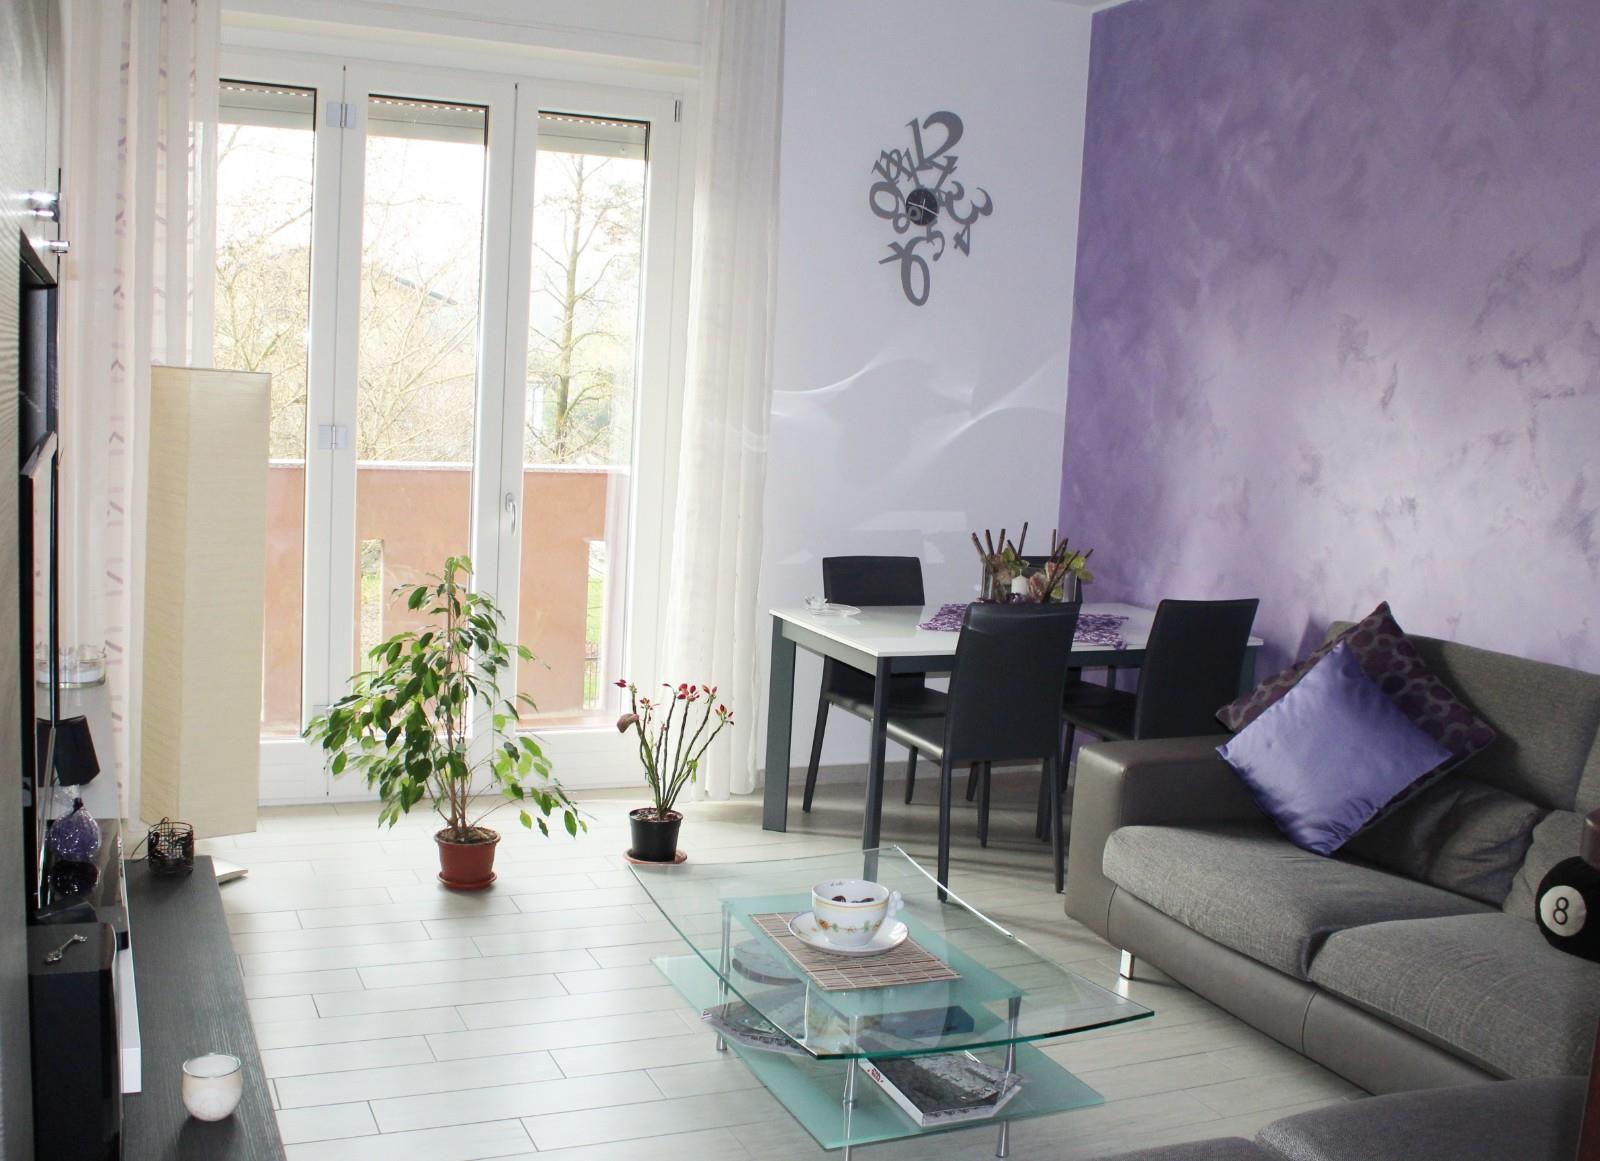 Foto 6 - Appartamento in Vendita - Carate Brianza (Monza e Brianza)